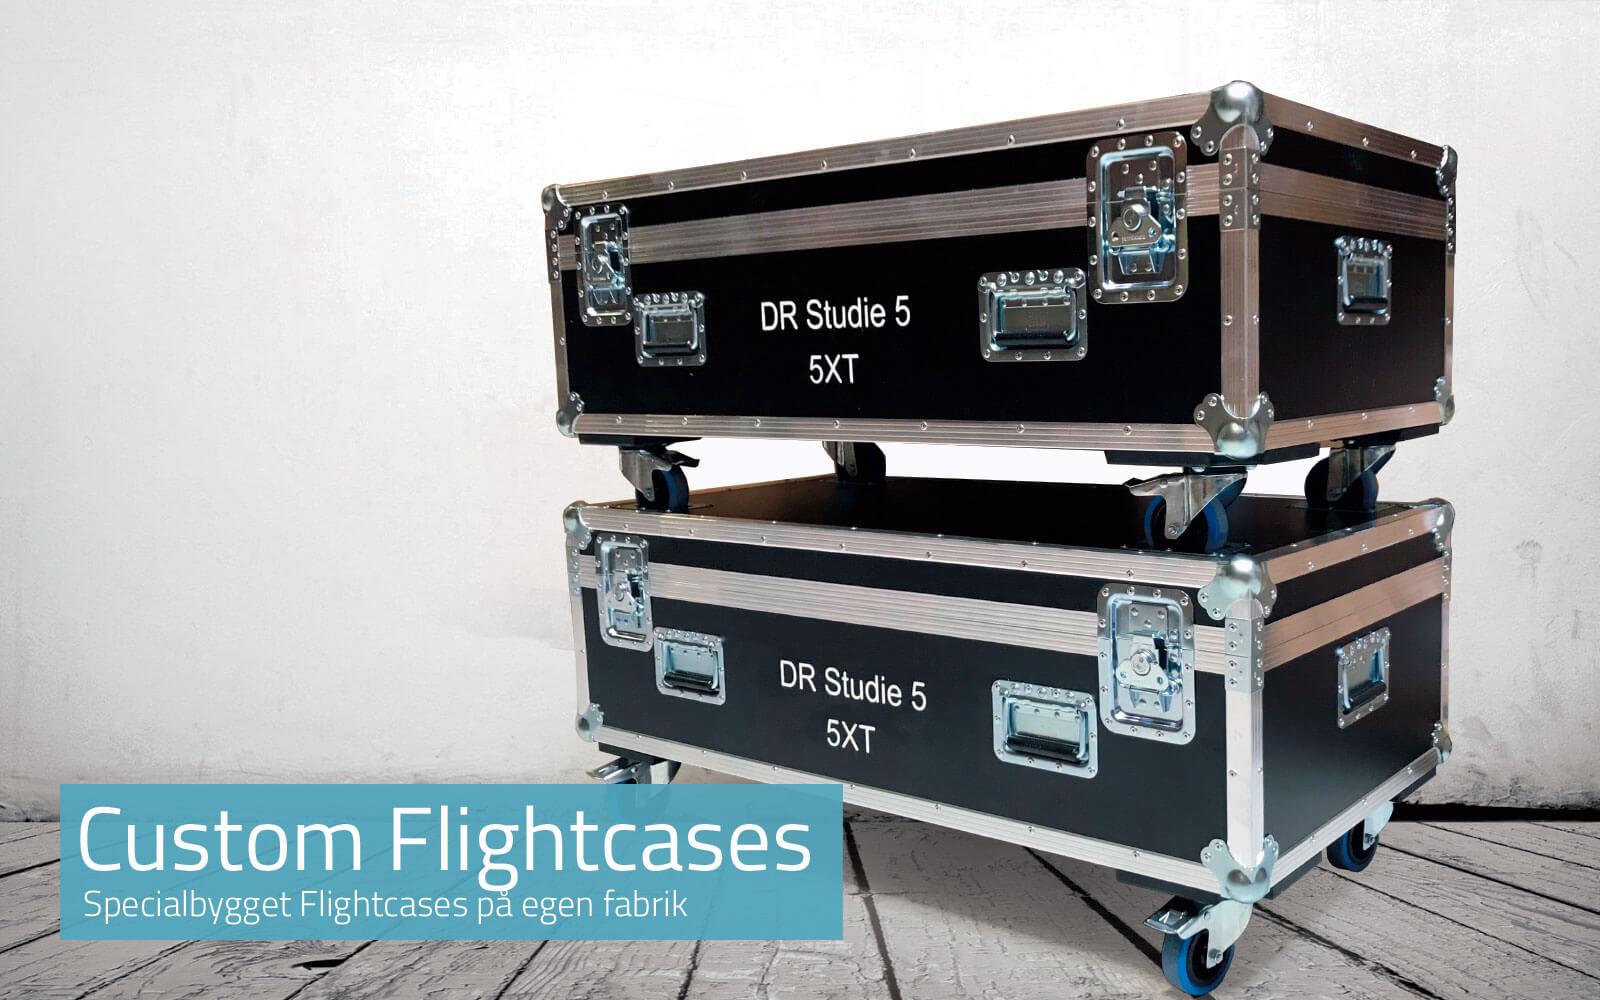 Specialbygget Flightcases, også hvis det stilles særlige krav